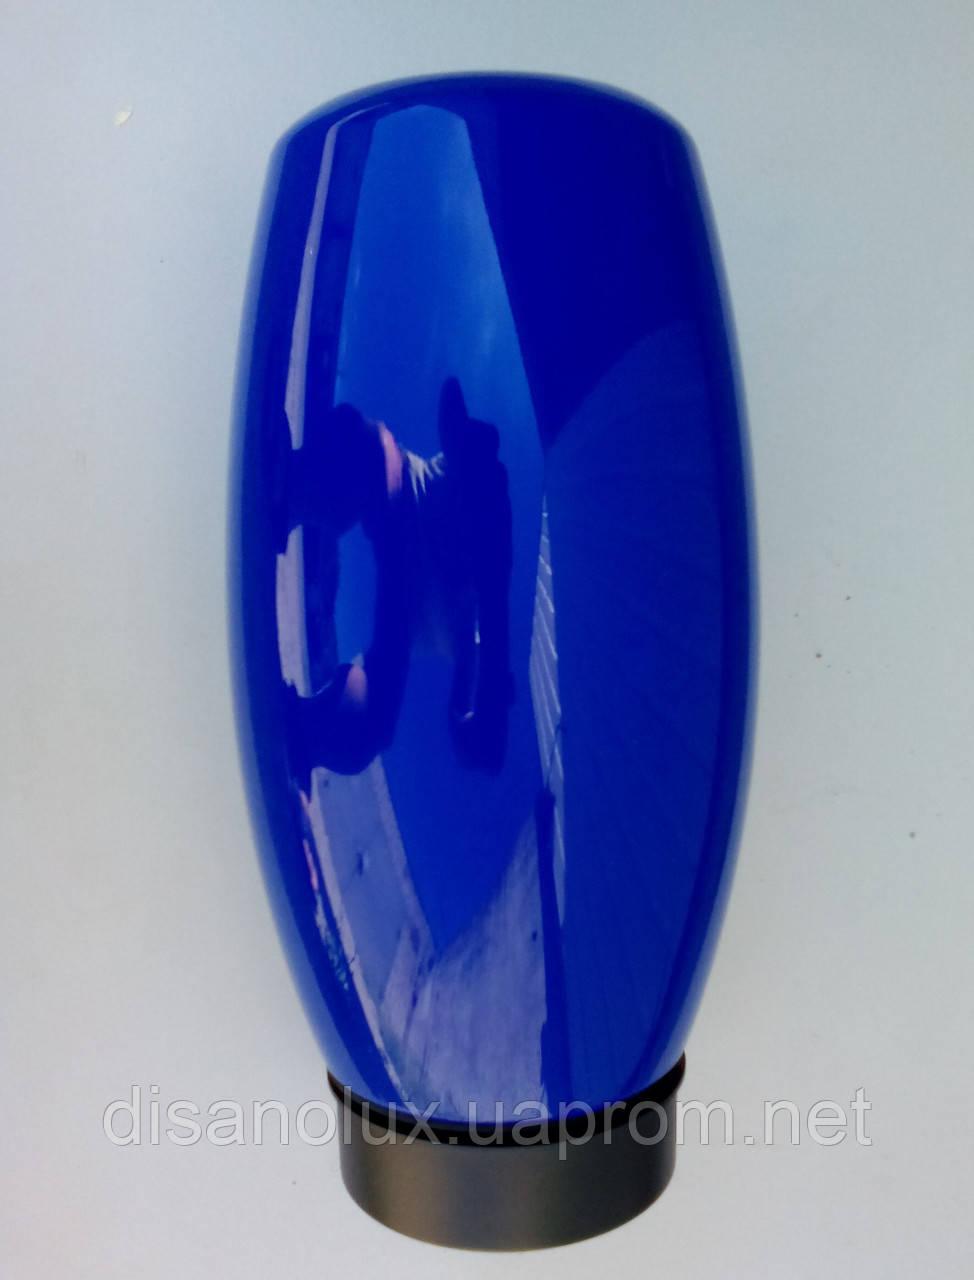 Світильник Парковий Циліндр NF 1810 Синій Е27 IP44 300мм * 140мм